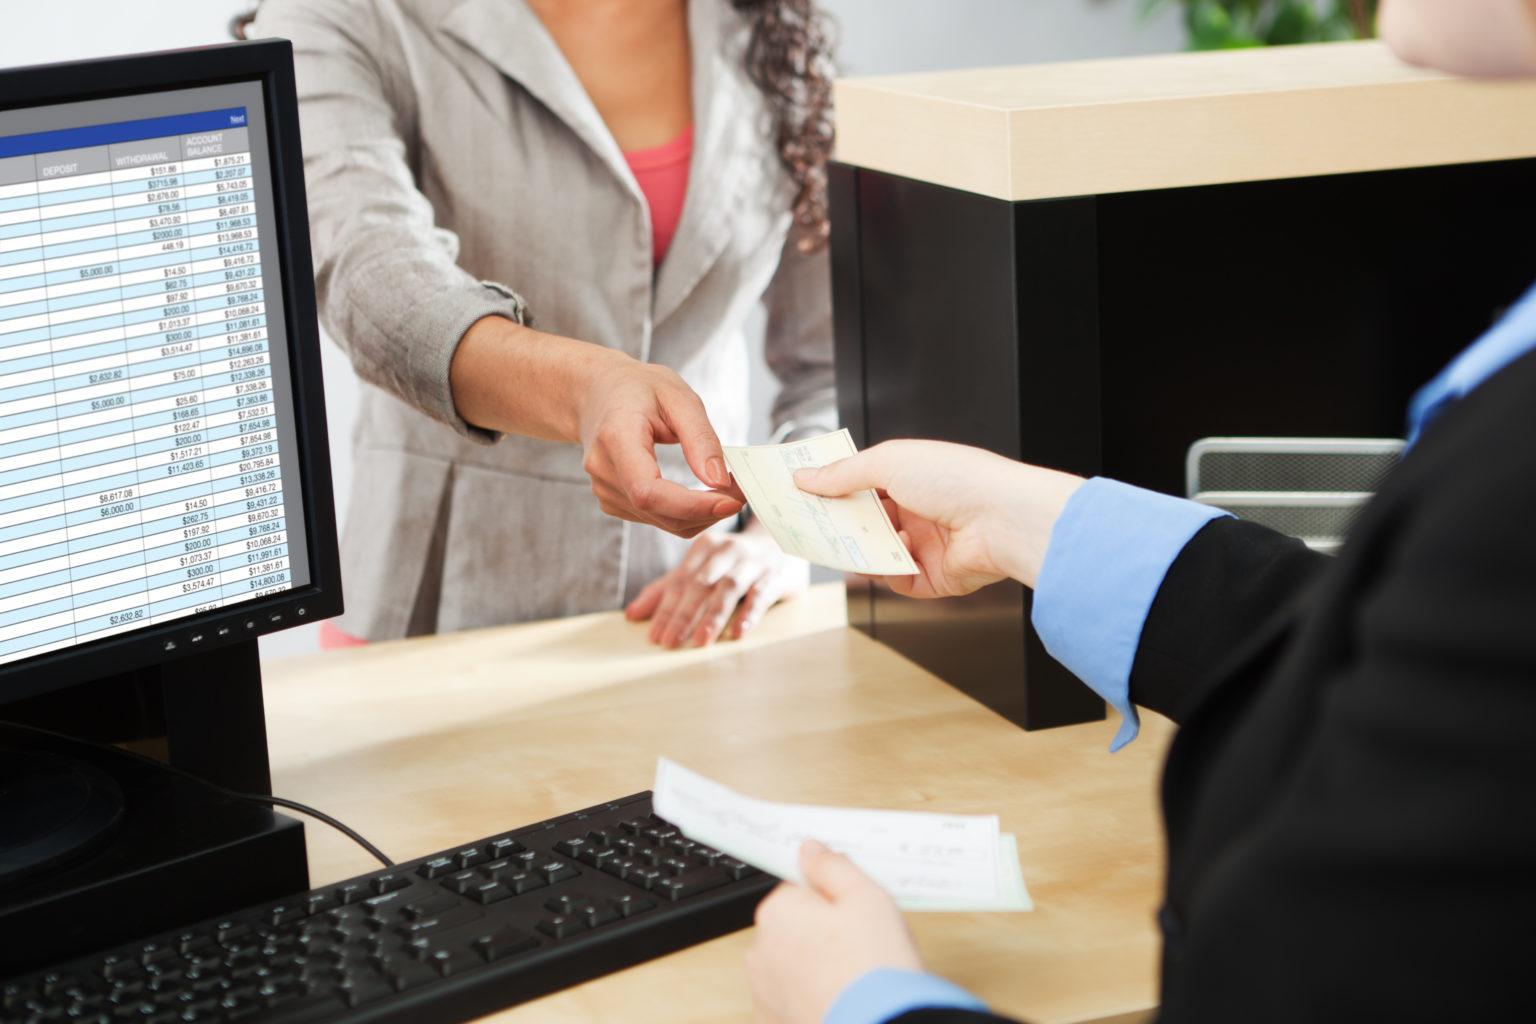 учет кредитной организацией кредитов и займов